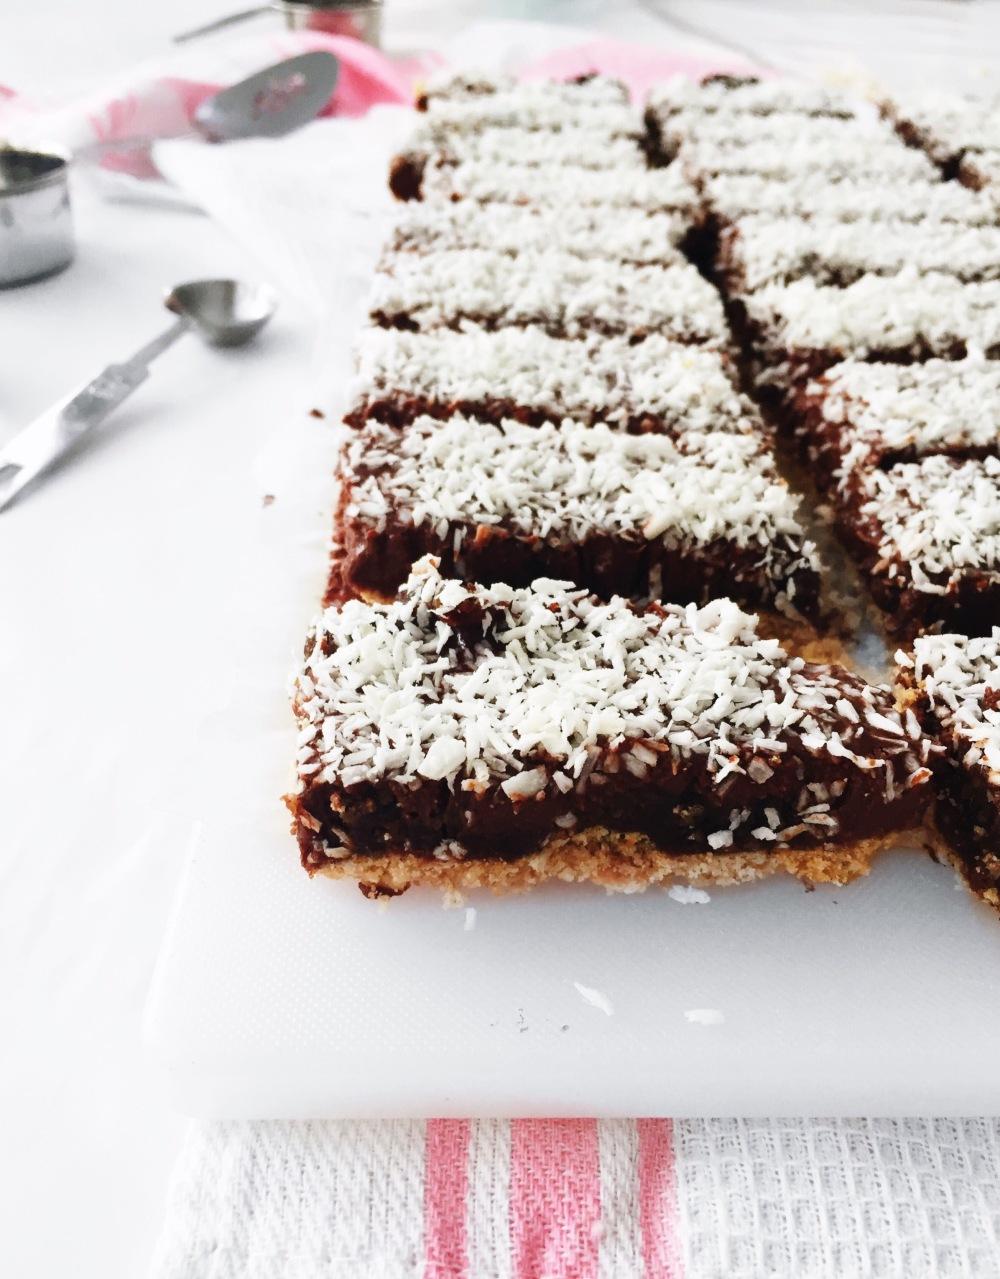 Barres de chocolat noir à la noix de coco en croûte de biscuit et de riz soufflé croustillant